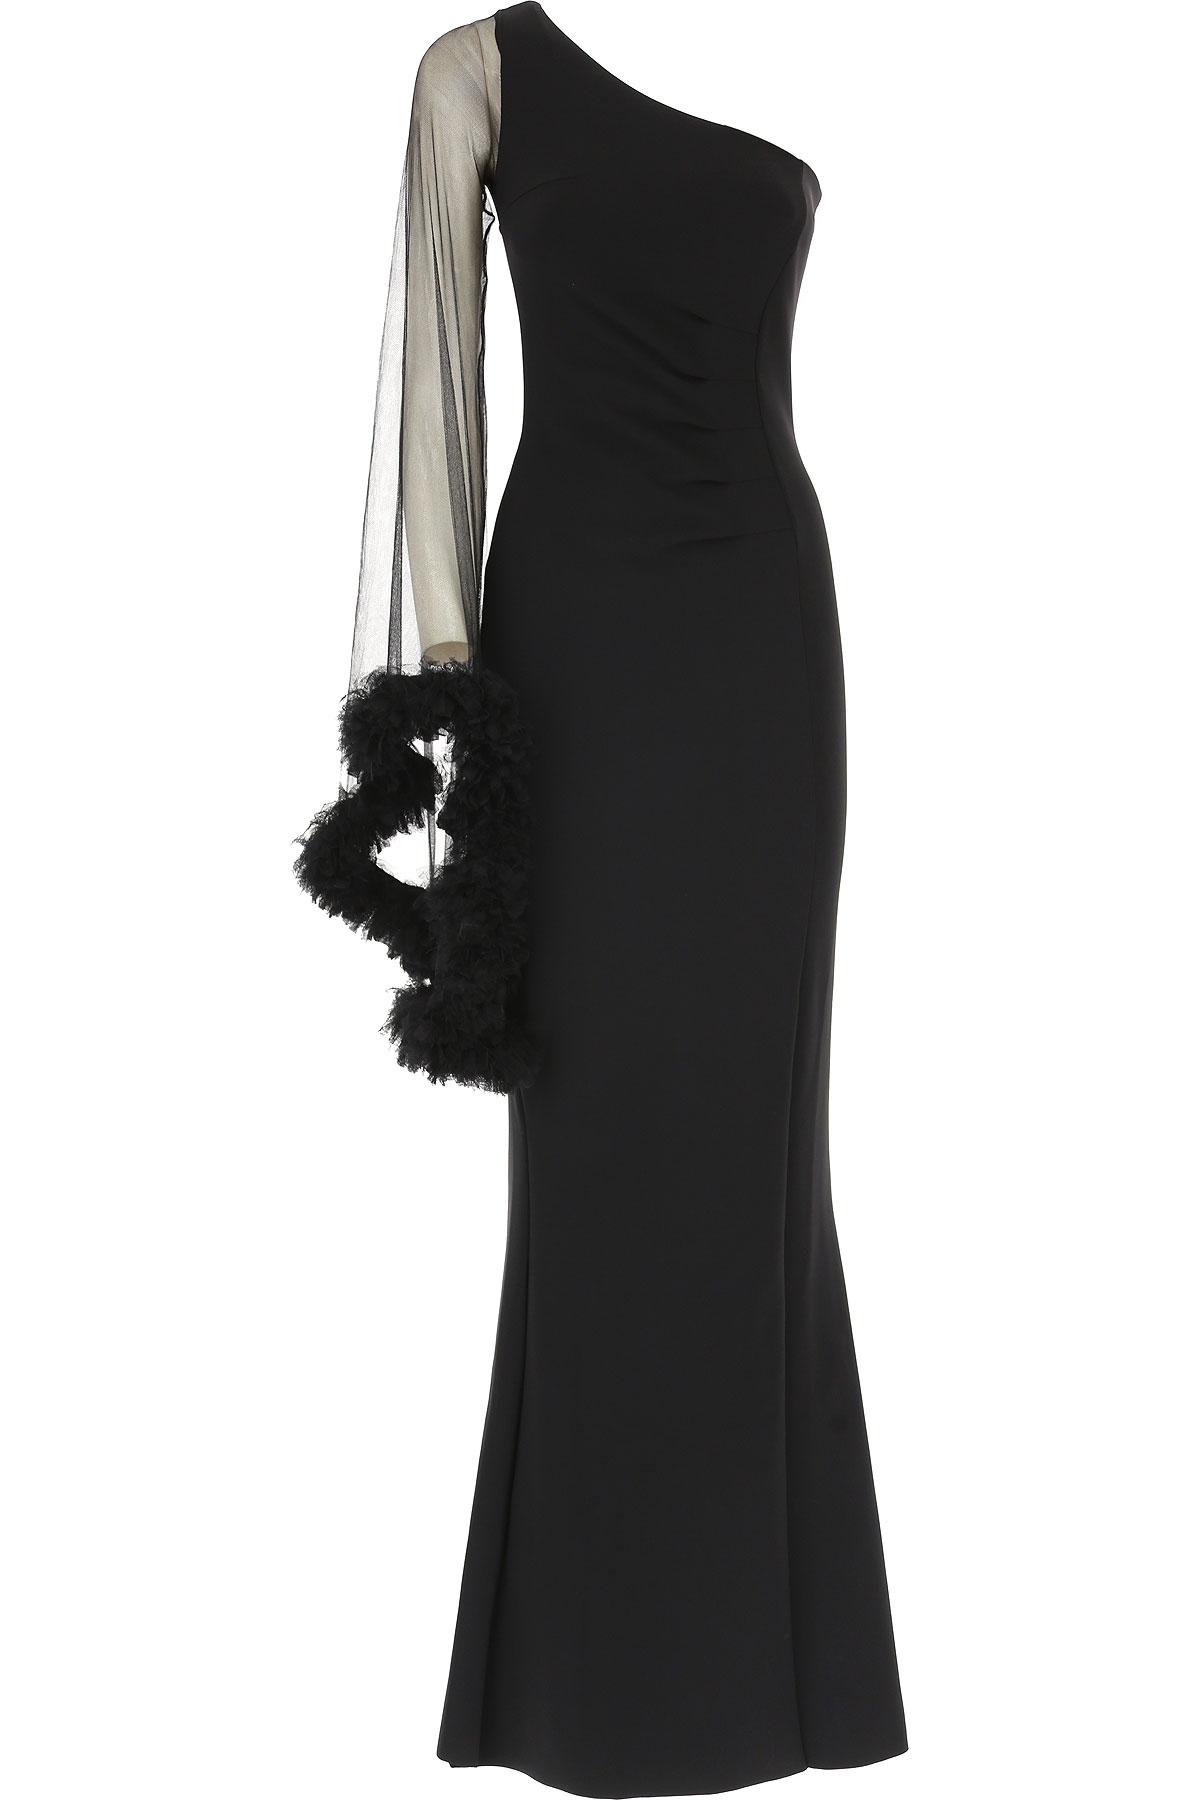 La Petite Robe Di Chiara Boni Robe Femme Pas cher en Soldes, Noir, Polyamide, 2017, 40 42